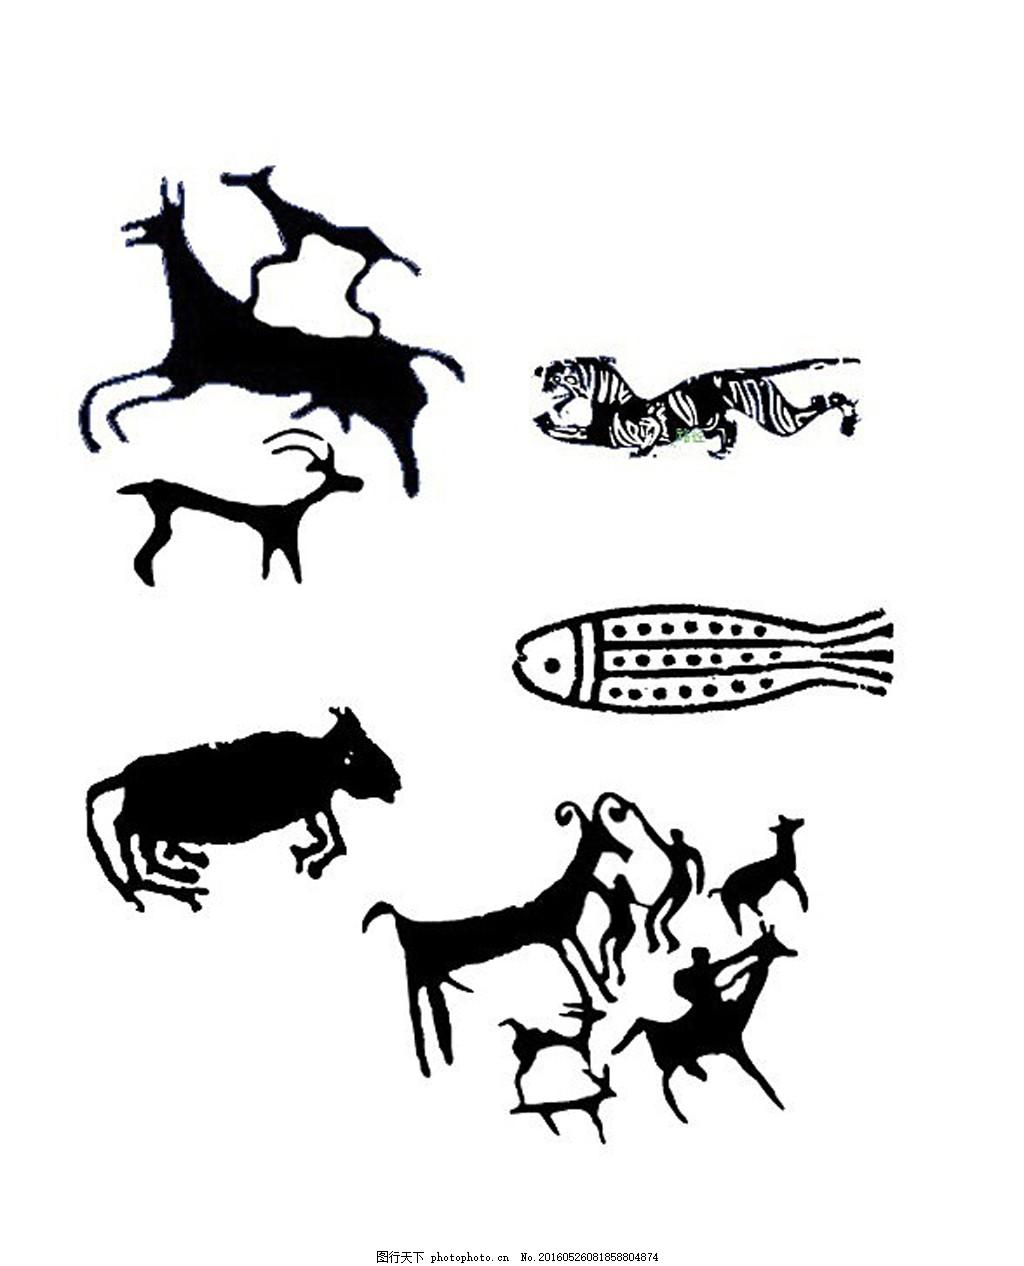 神兽拓印矢量素材08 花纹 历史 青铜器 神兽 图案 动物 印记 古典